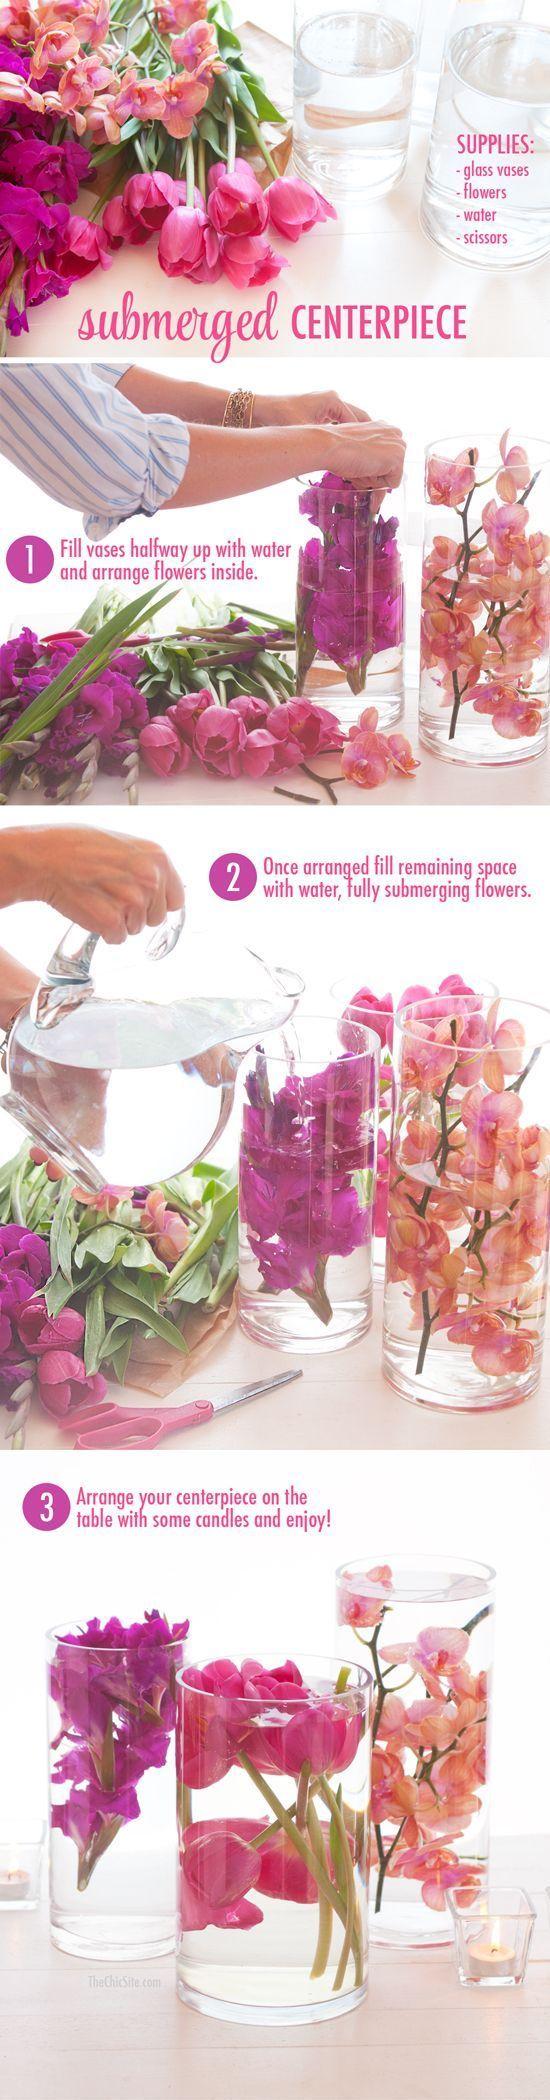 Diy Submerged Flower Wedding Centerpiece / http://www.himisspuff.com/diy-wedding-centerpieces-on-a-budget/29/